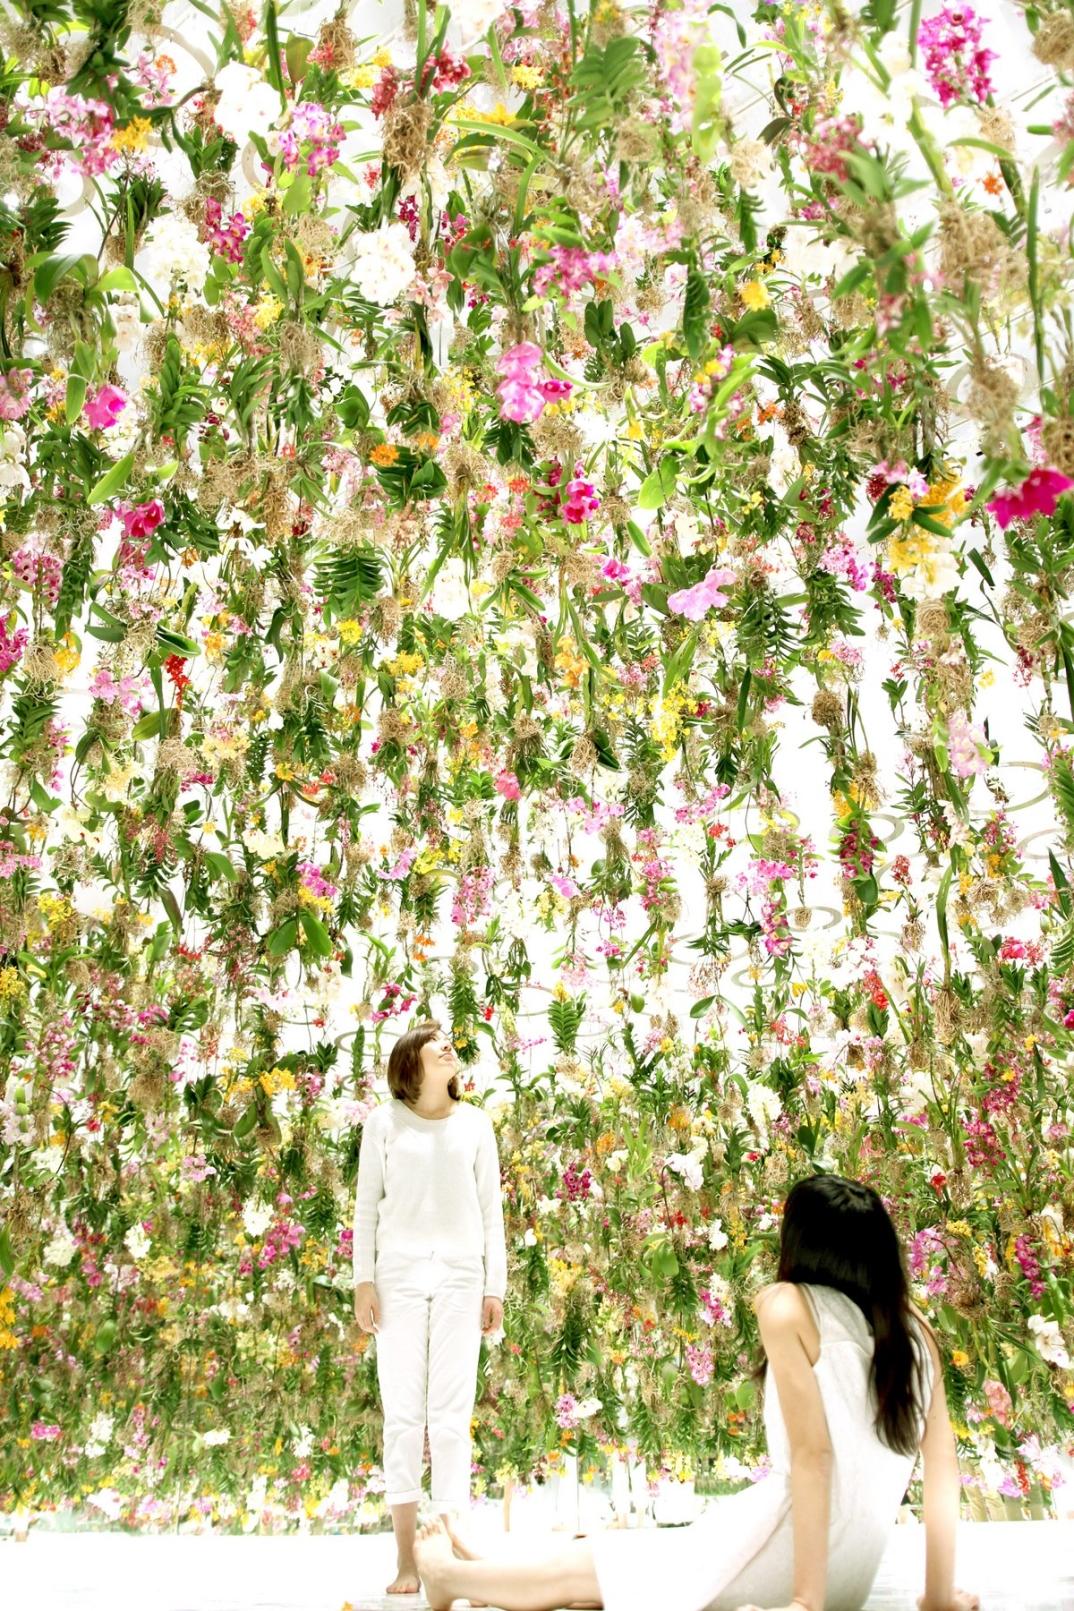 giardino-fiori-sospeso-aria-installazione-giappone-teamlab-7